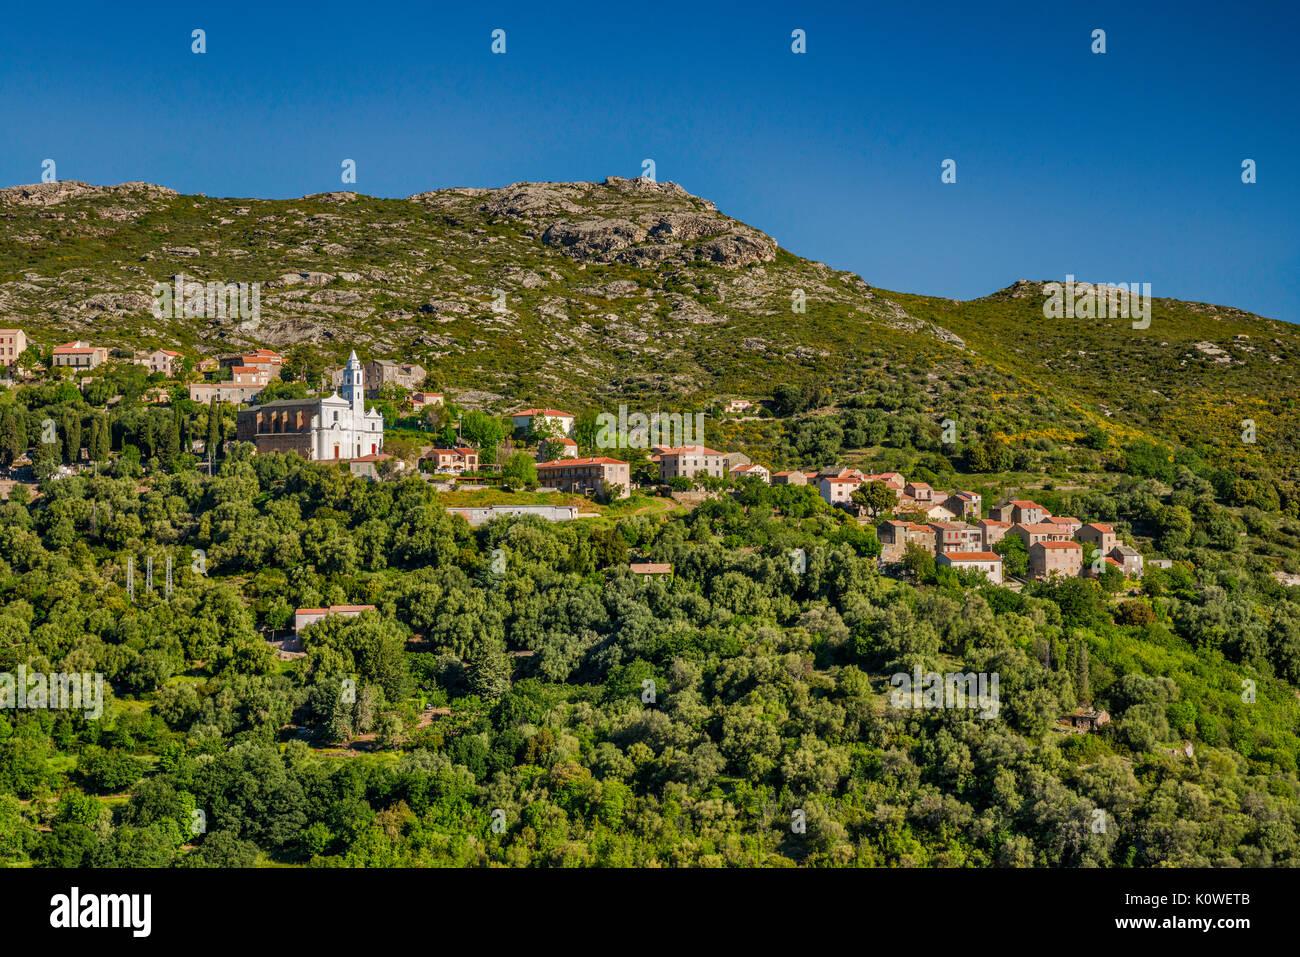 Colina de la ciudad de Santo-Pietro-di-Tenda, región, departamento Nebbio Haute-Corse, Córcega, Francia Imagen De Stock